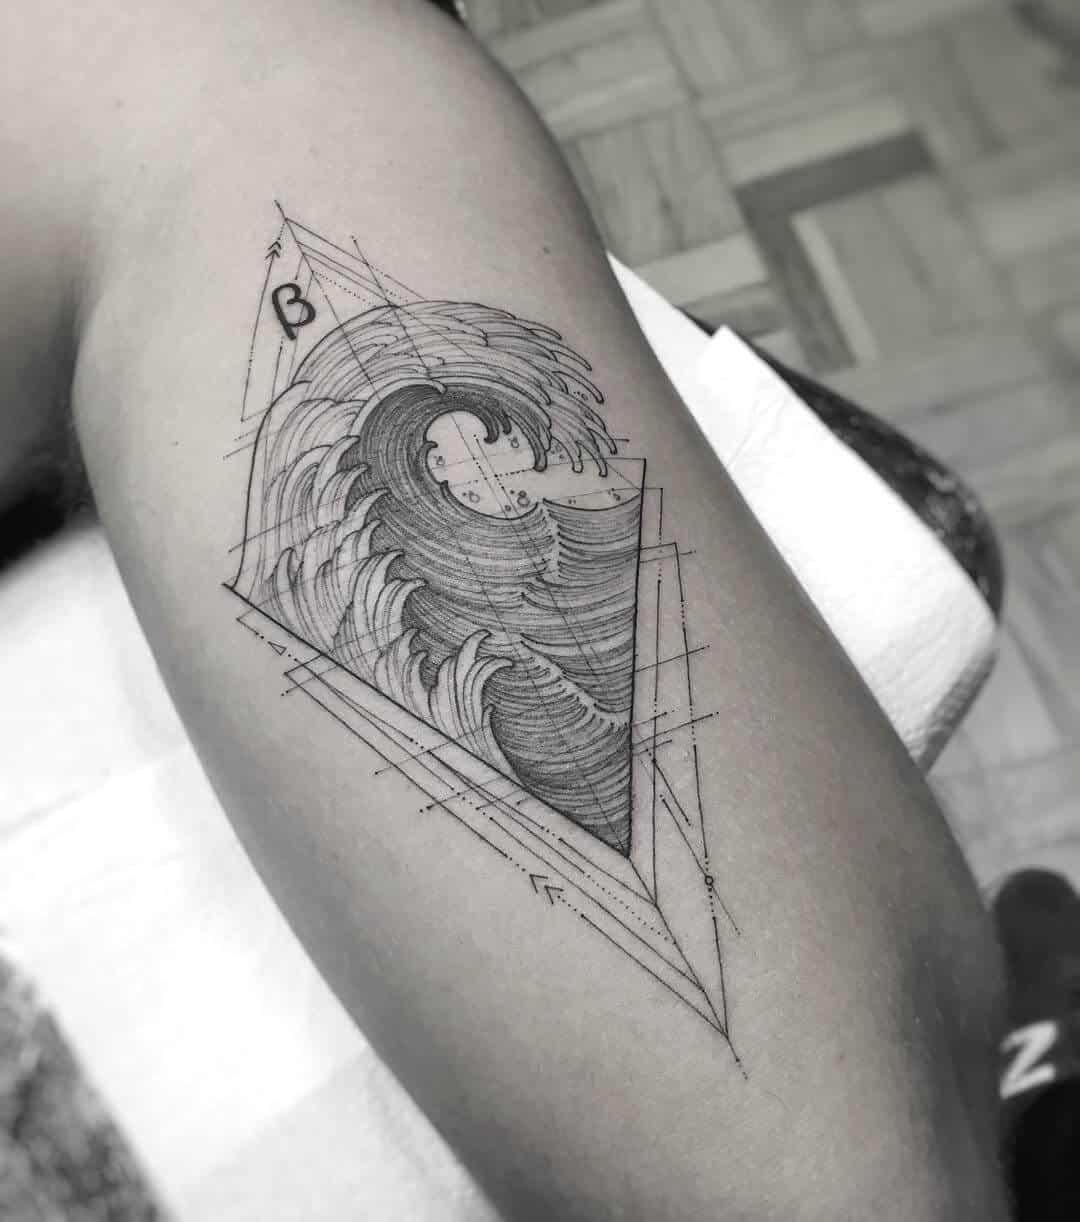 geometric ocean tattoo